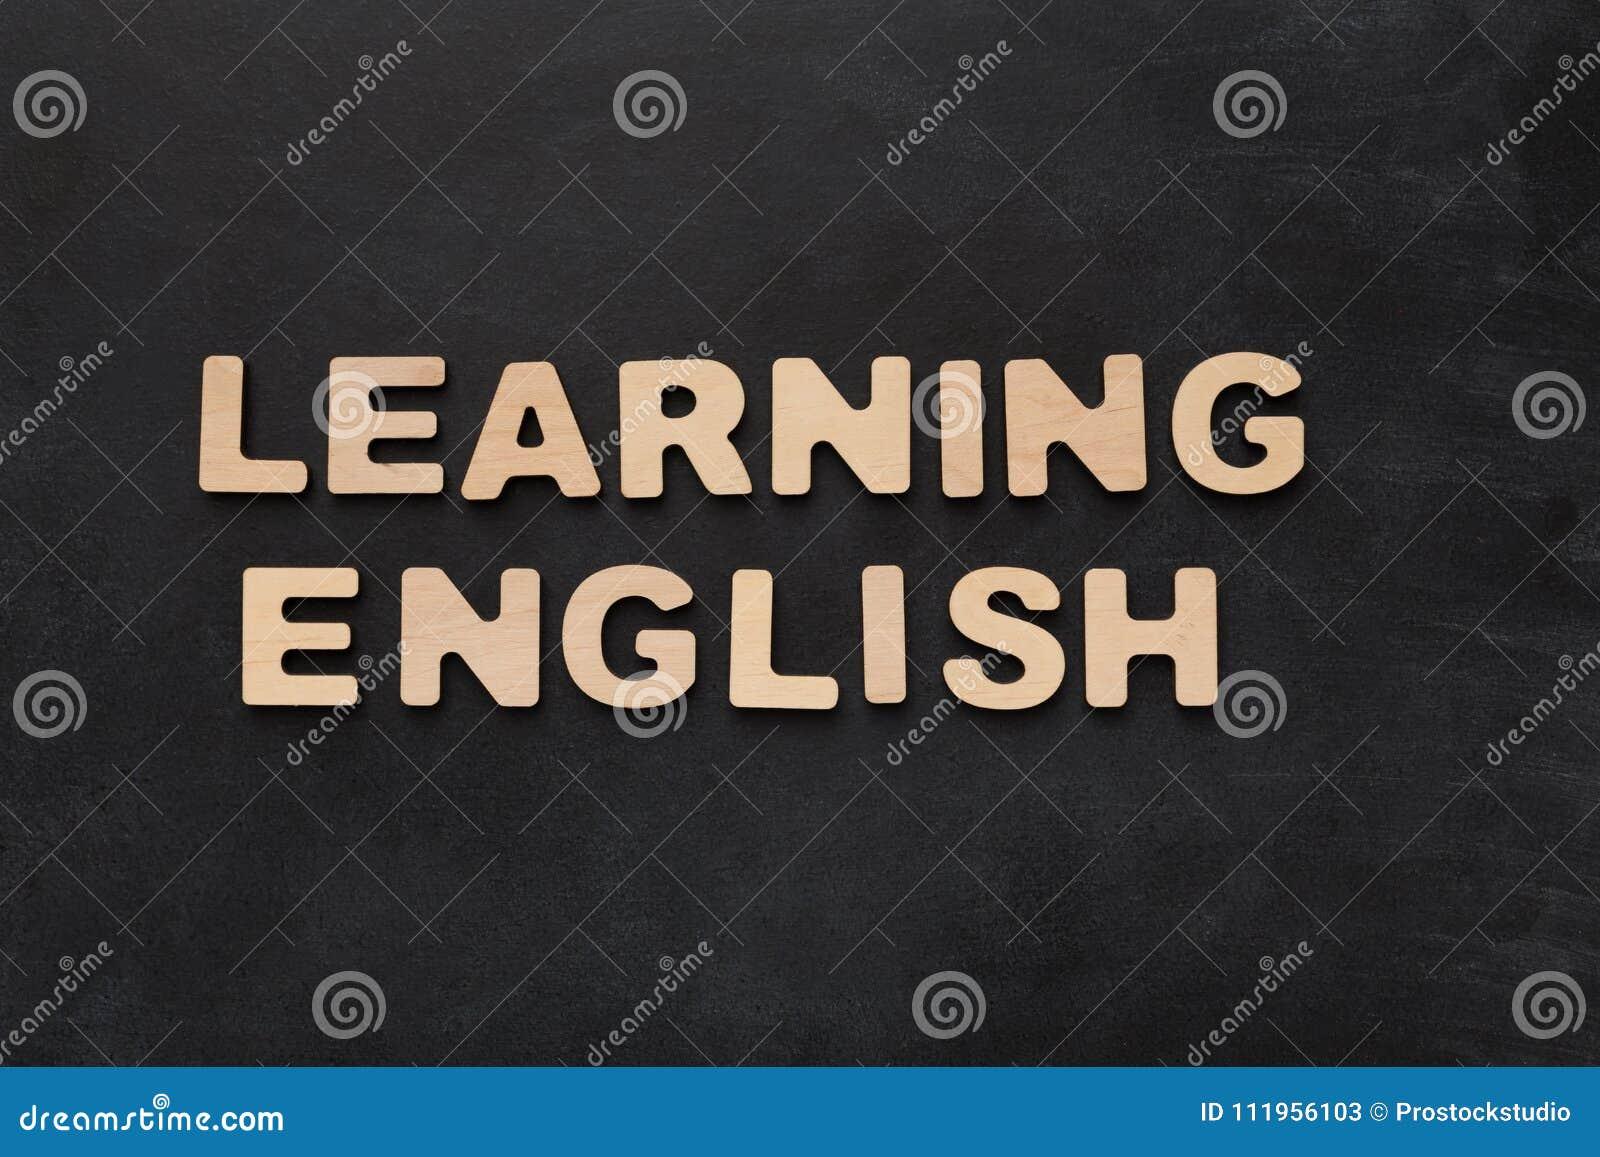 Englisch lernend, buchstabierte mit hölzernen Buchstaben auf schwarzem Hintergrund